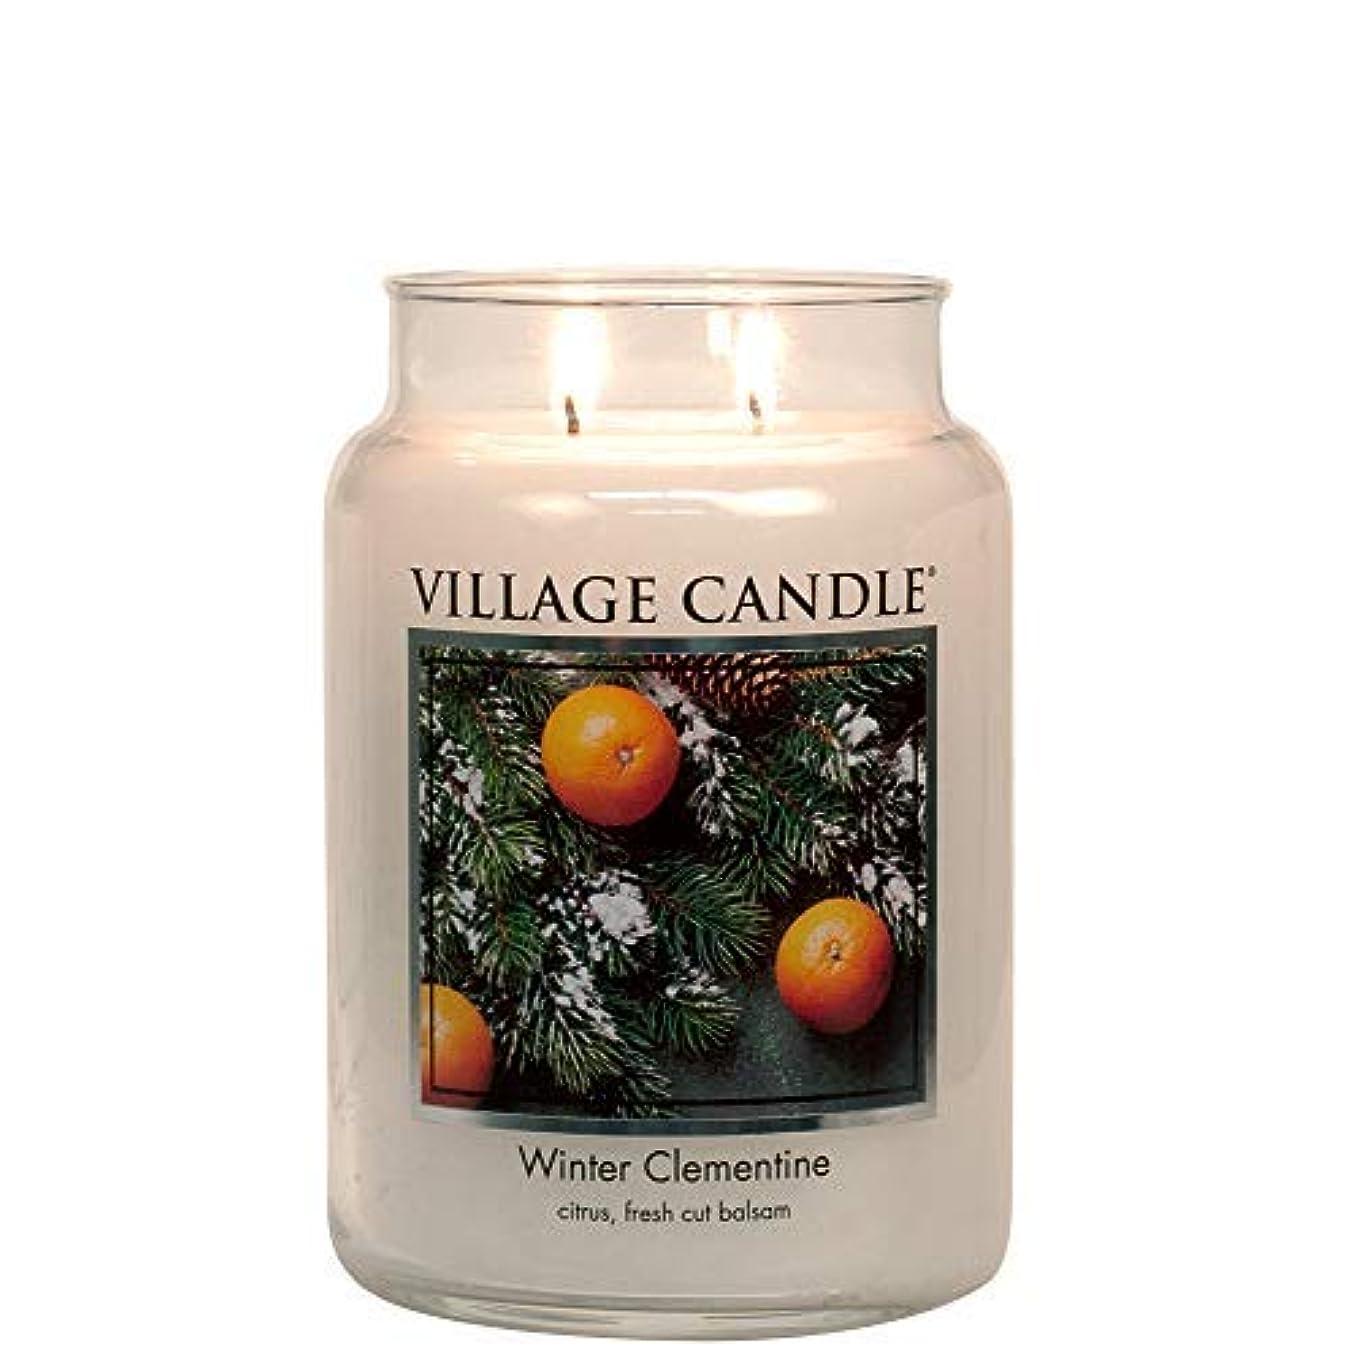 小石思いやり靄Village Candle Winter Clementine 26 oz Glass Jar Scented Candle Large [並行輸入品]